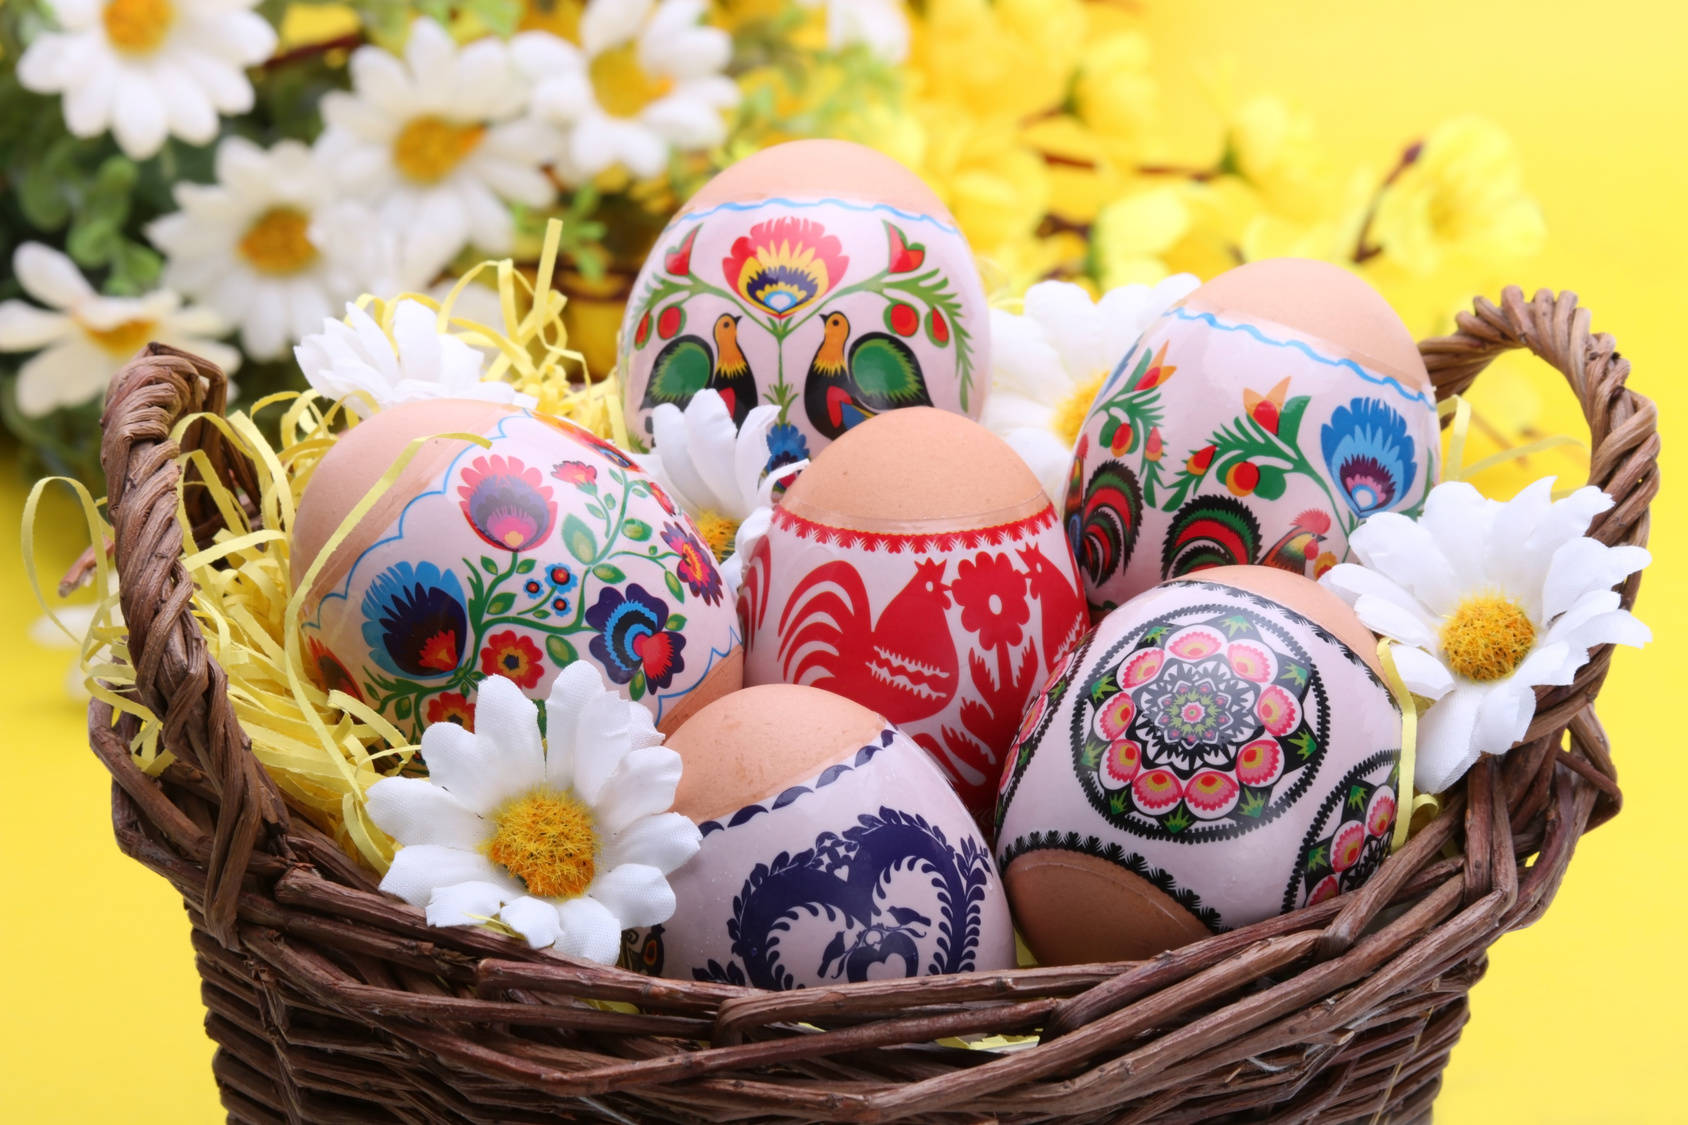 Co symbolizuje jajko, palma, baranek i zajączek? Znaczenie symboli  wielkanocnych - Garneczki.pl - blog